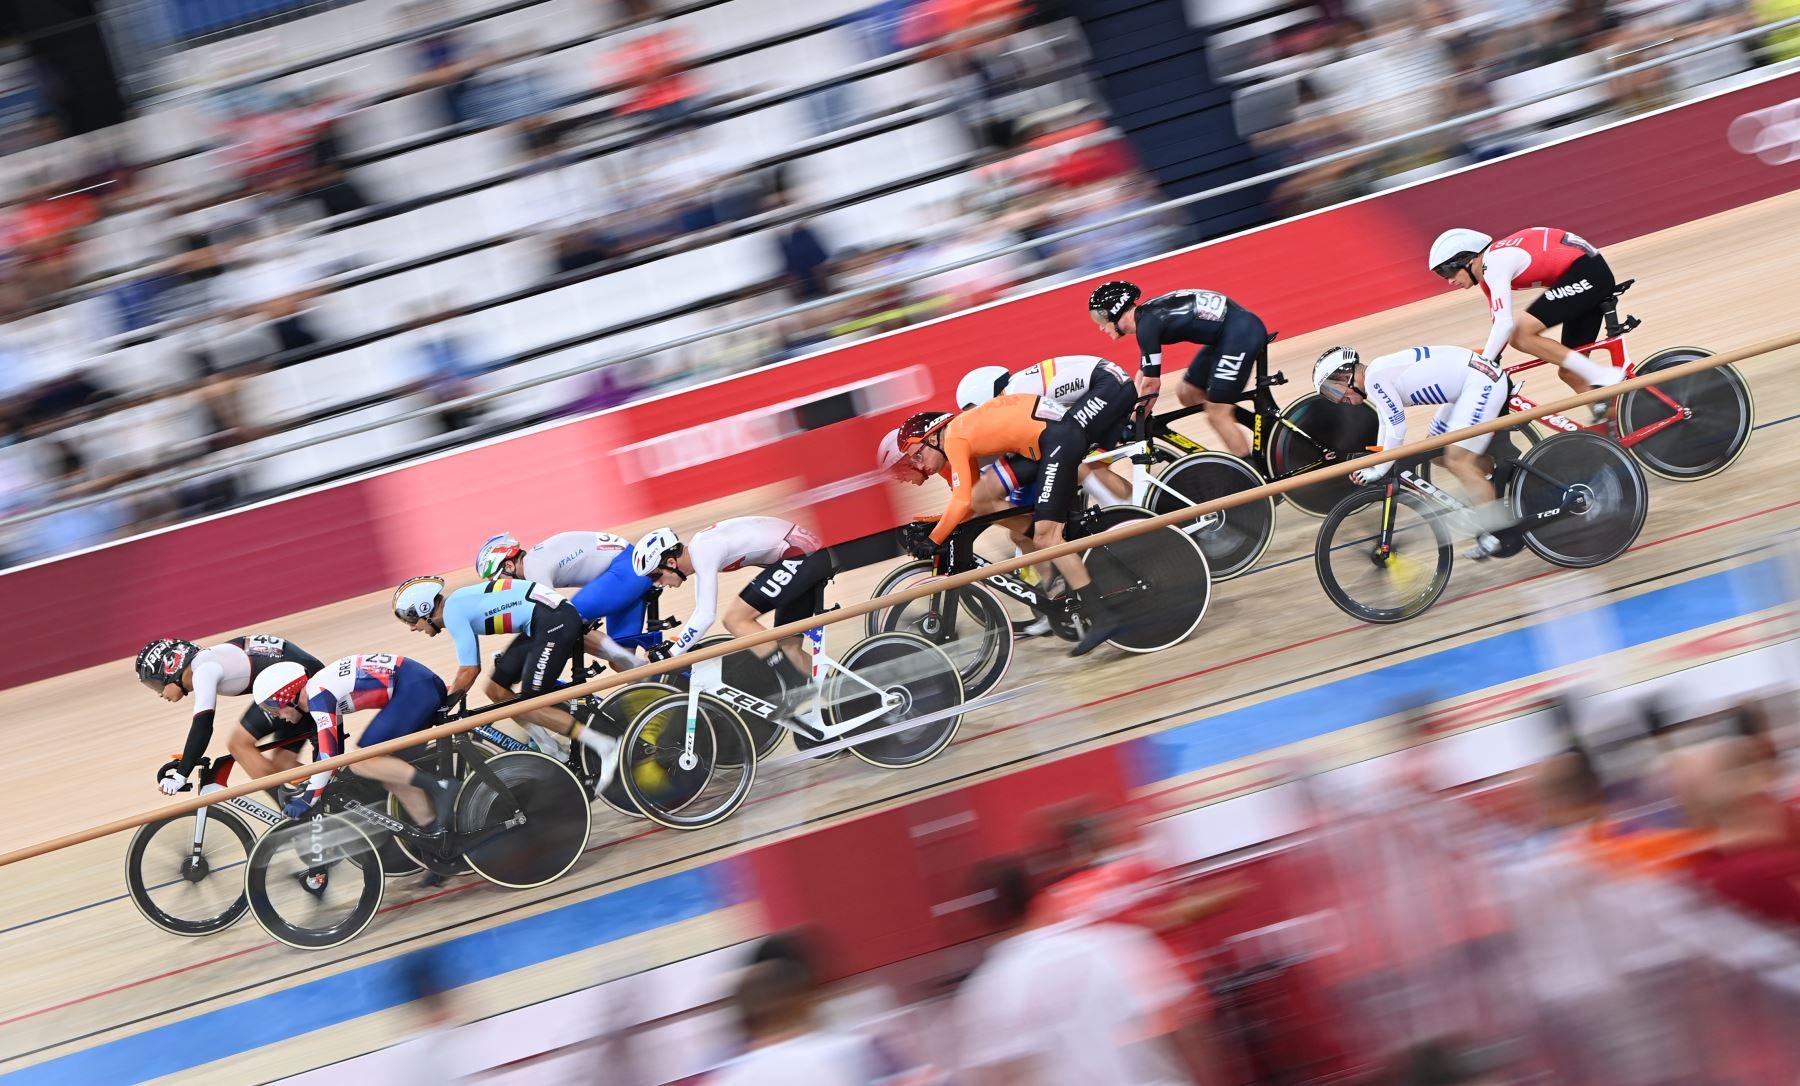 Los ciclistas compiten en la carrera de eliminación omnium de ciclismo en pista masculino durante los Juegos Olímpicos de Tokio 2020 en el Velódromo de Izu. Foto:AFP